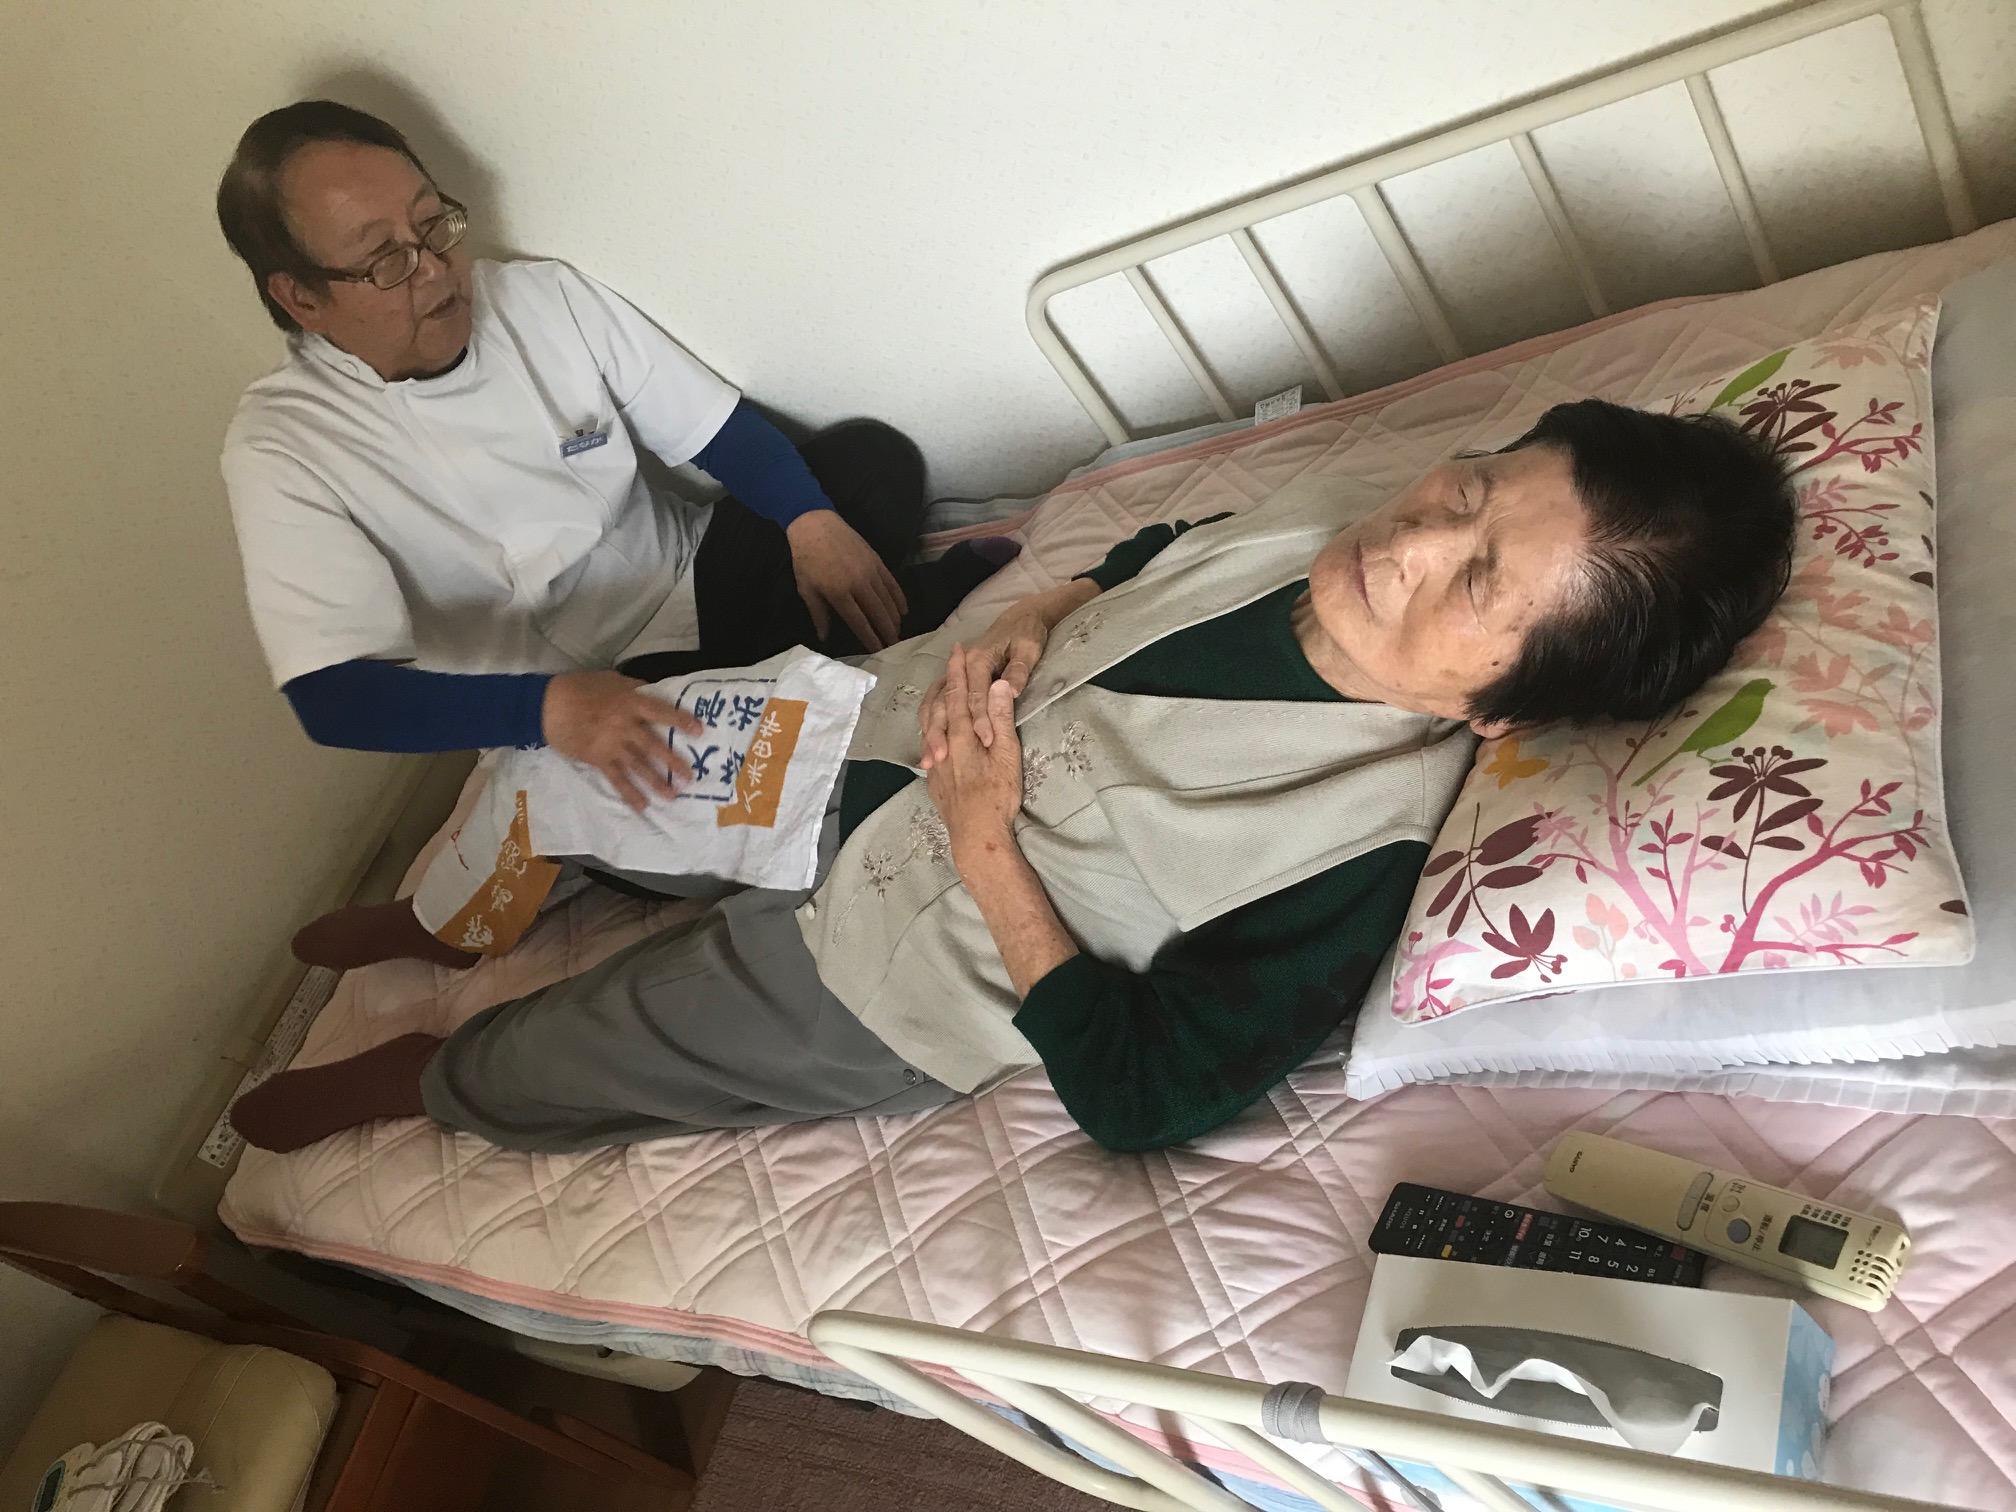 らいふマッサージ治療院 泉大津店1